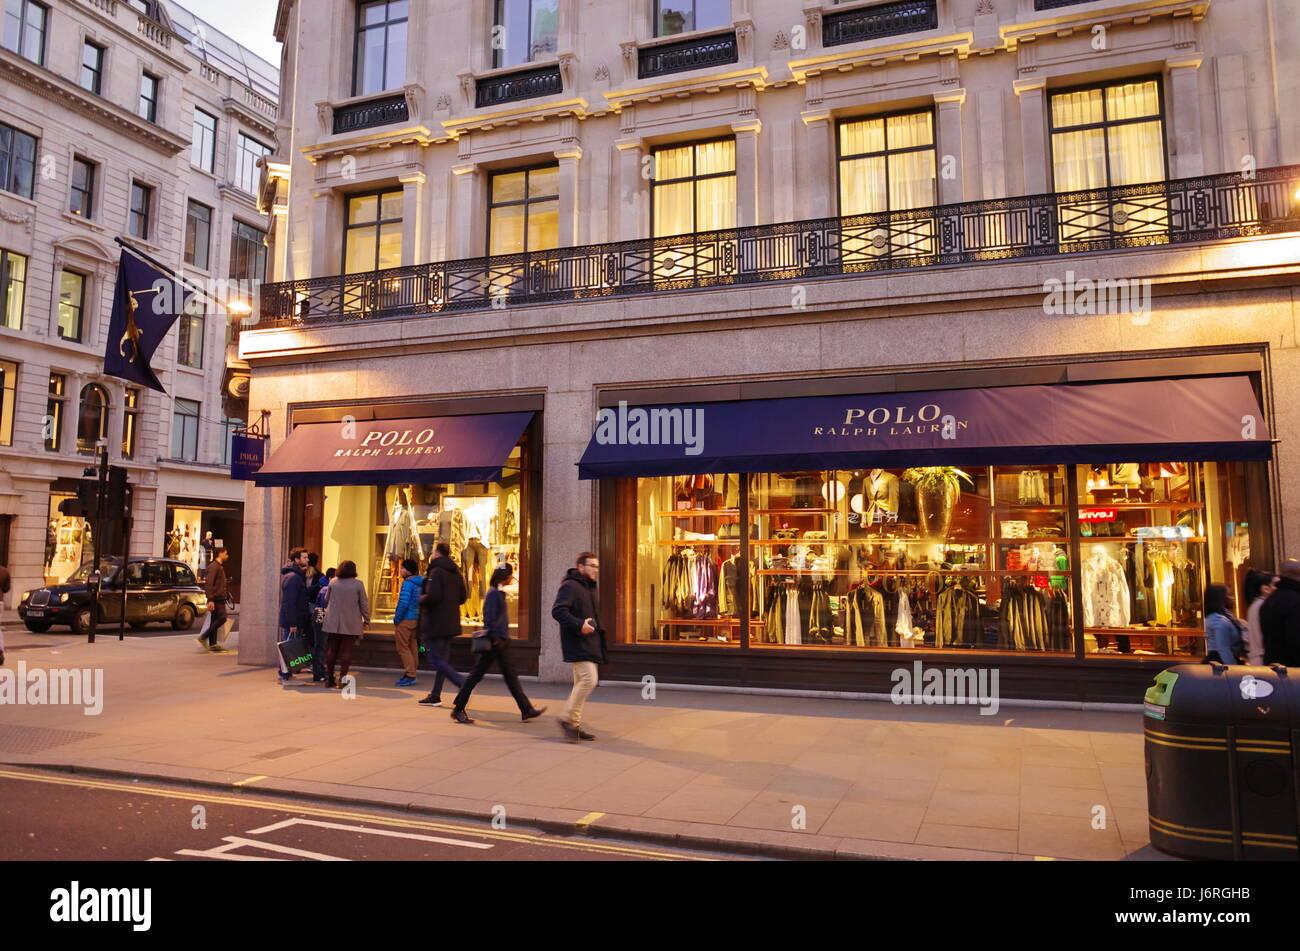 POLO RALPH LAUREN designer un magasin de vêtements sur Bond Street, London,  UK 77bfeb4e01a